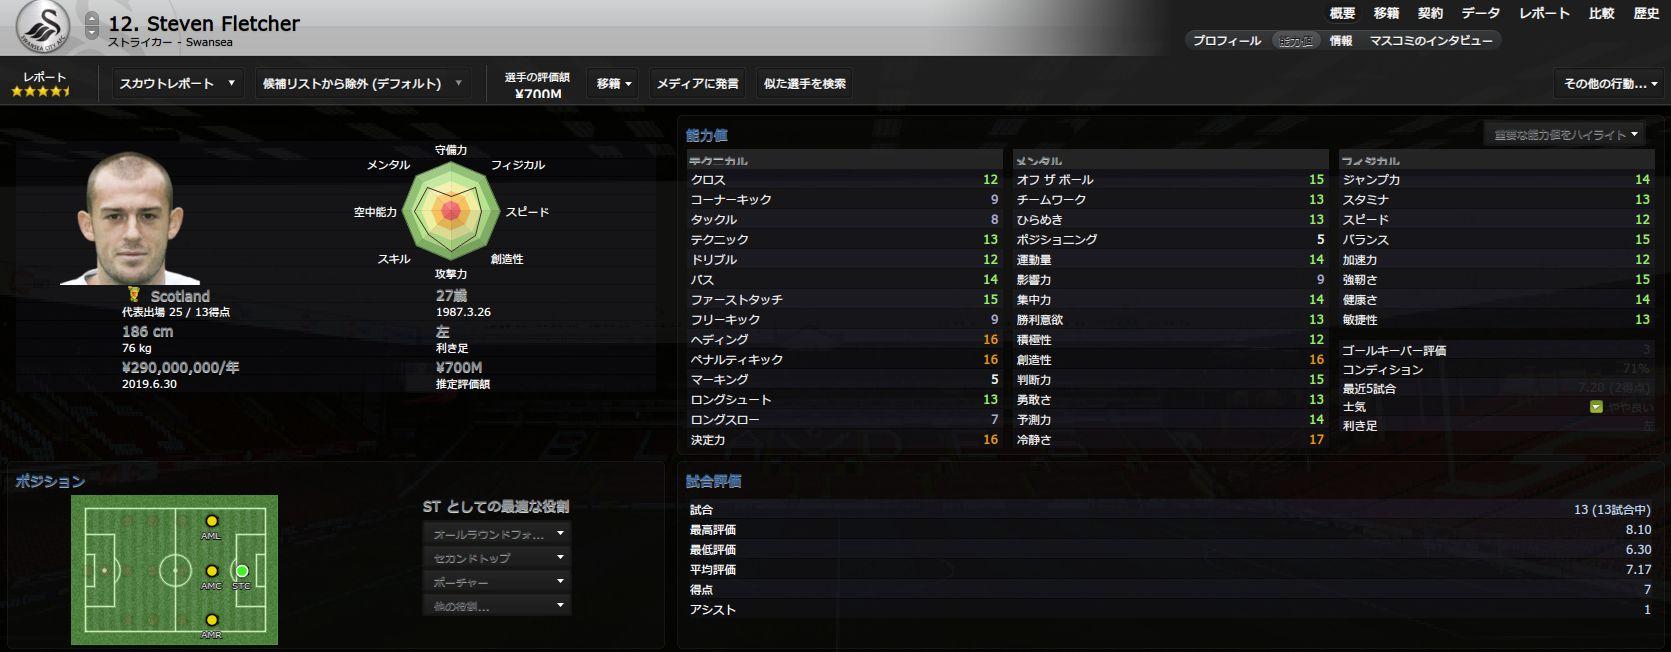 WS001043.jpg